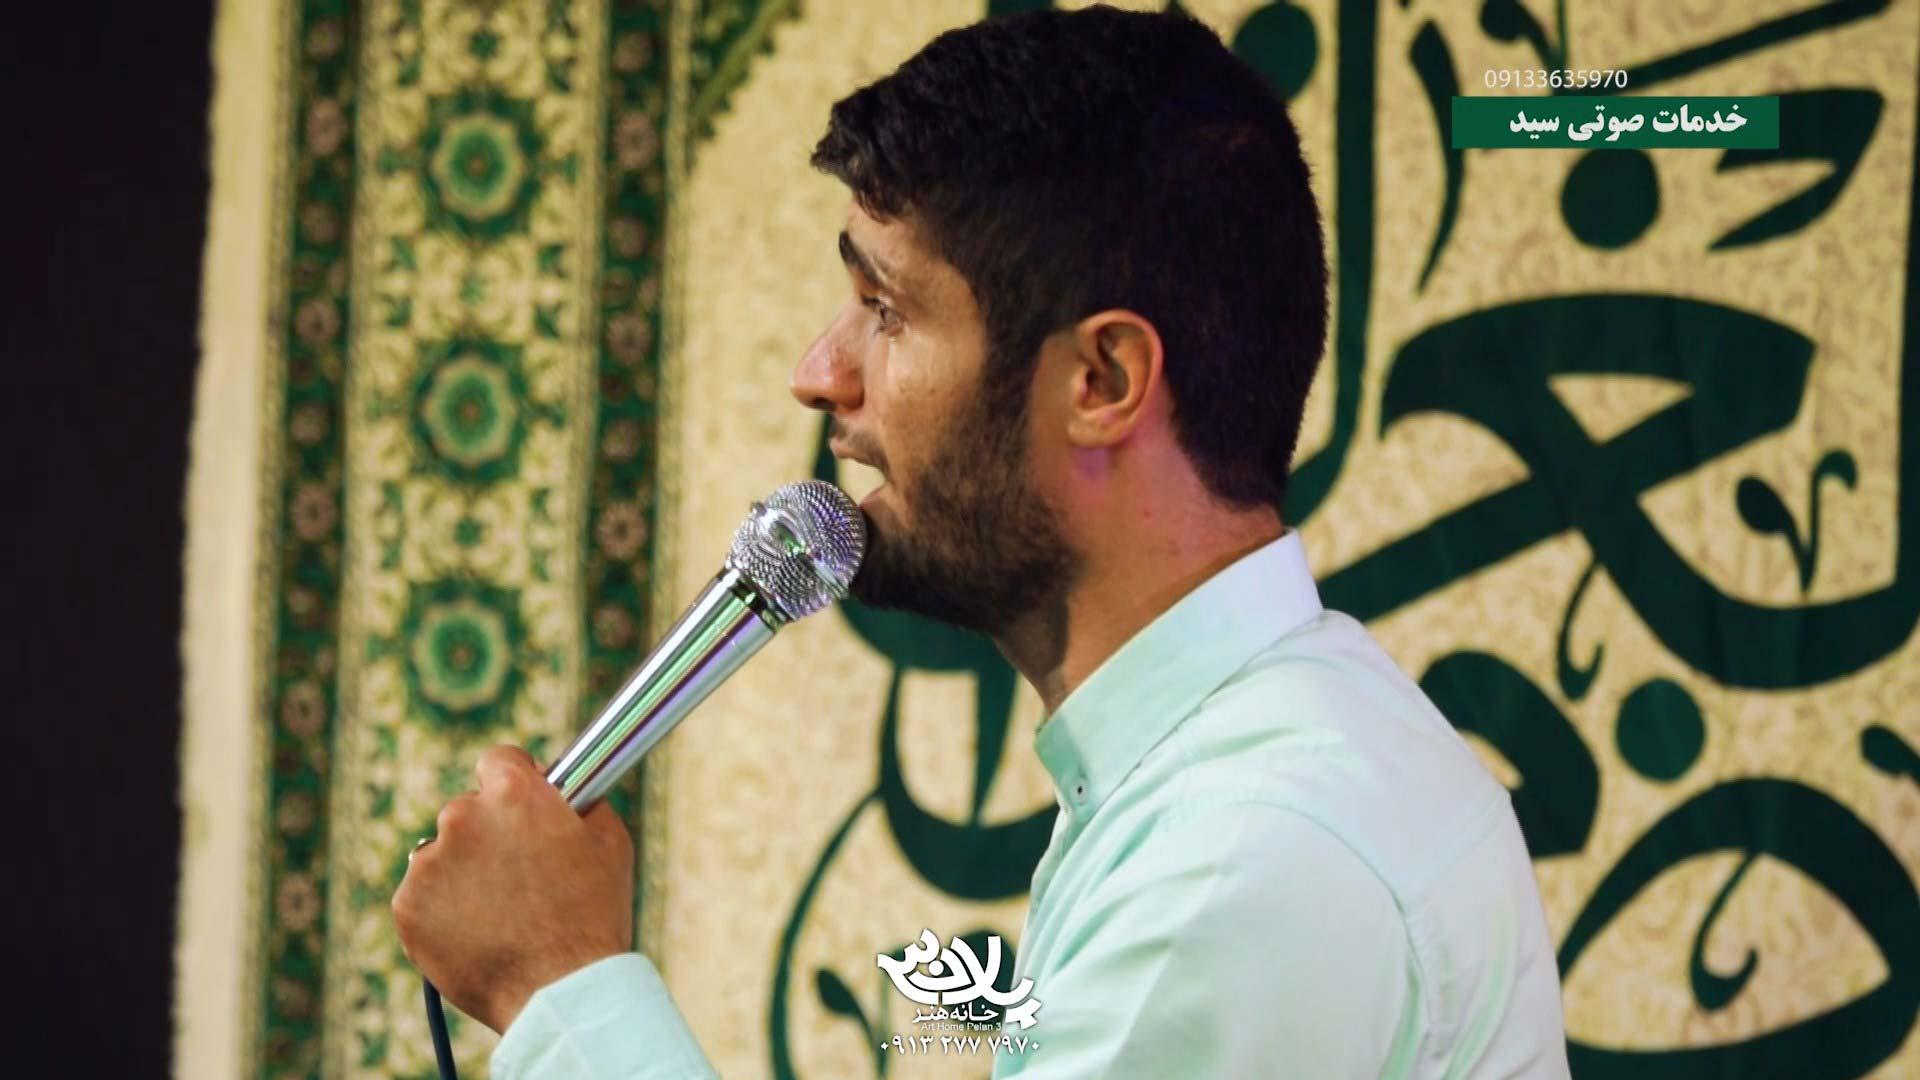 کاش مثل ساعت بودم محسن عراقی